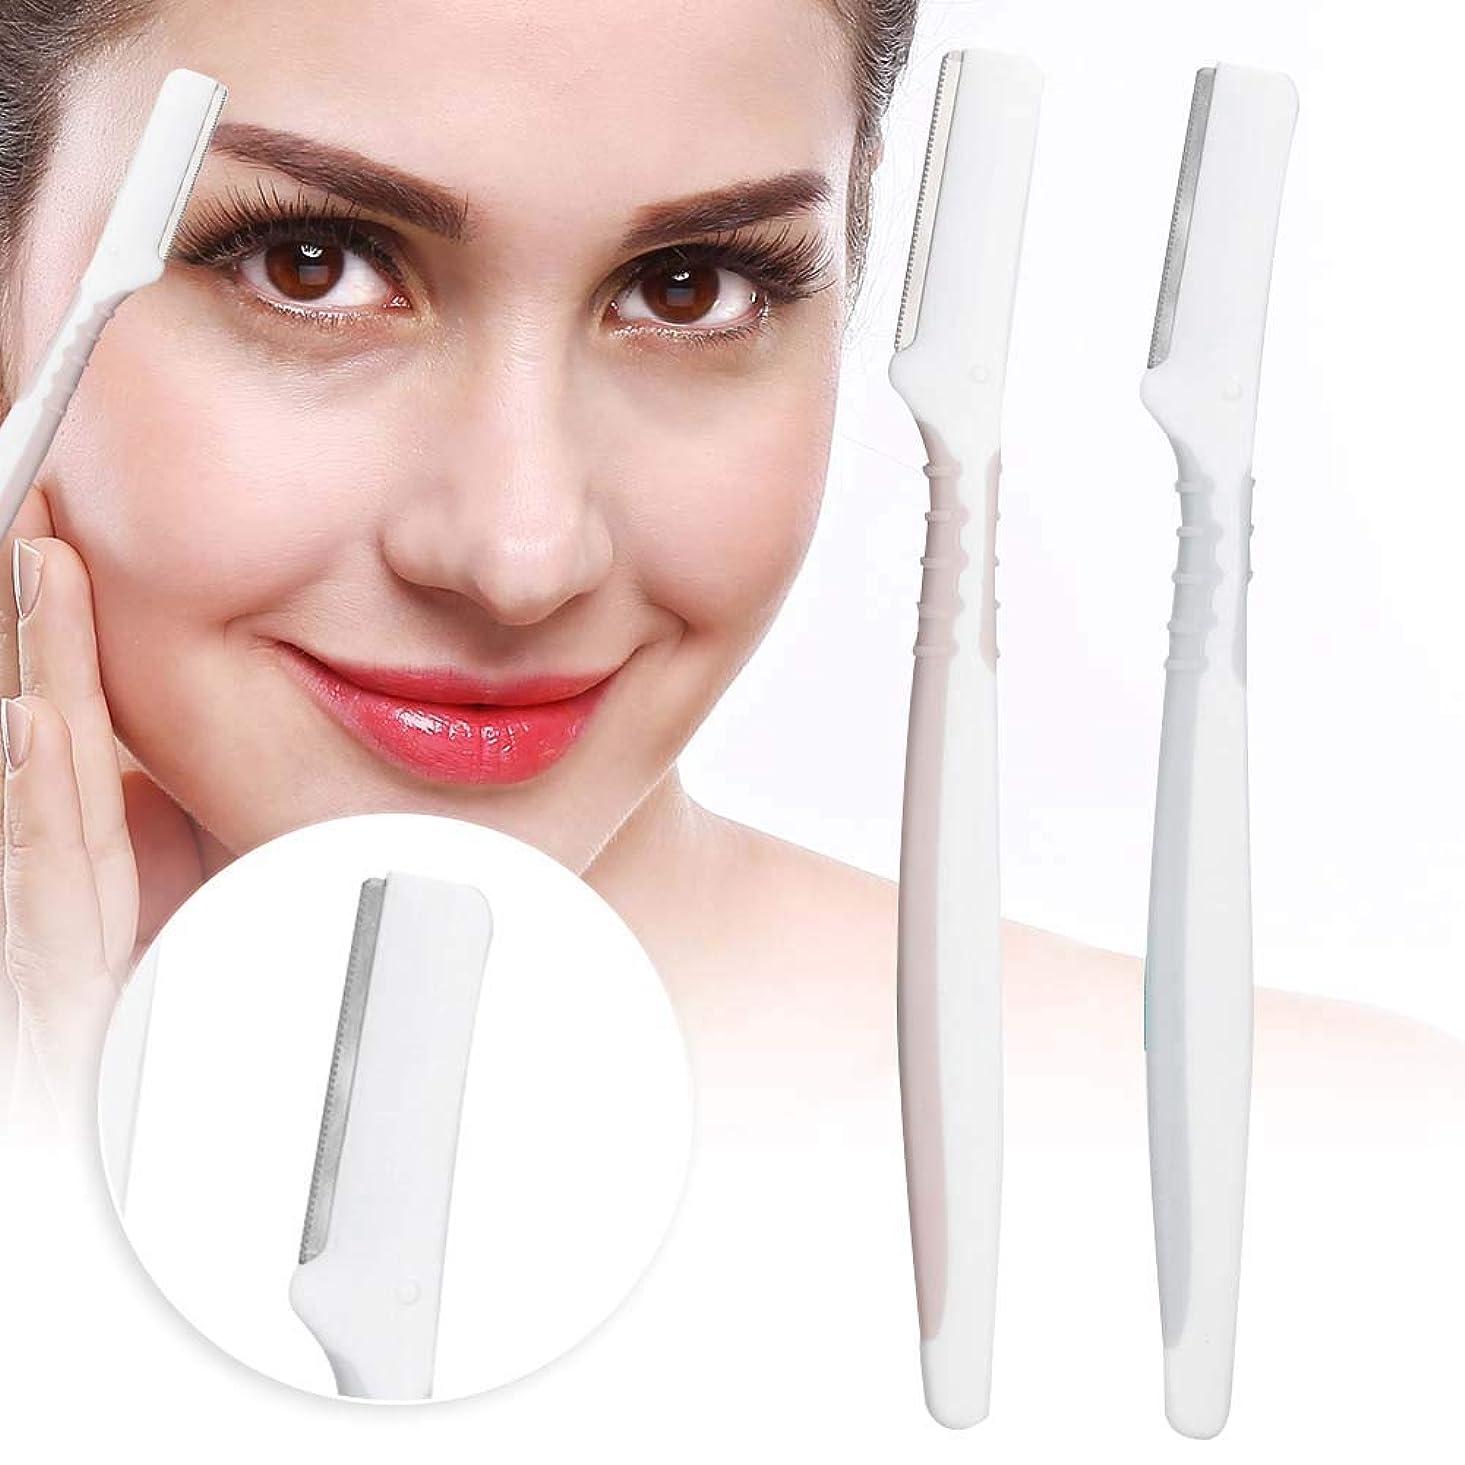 スキップ平和な儀式2pcs眉毛かみそり - 女性と男性の顔の毛の除去剤、シェイパーシェーバー女性と男性の顔の除去剤